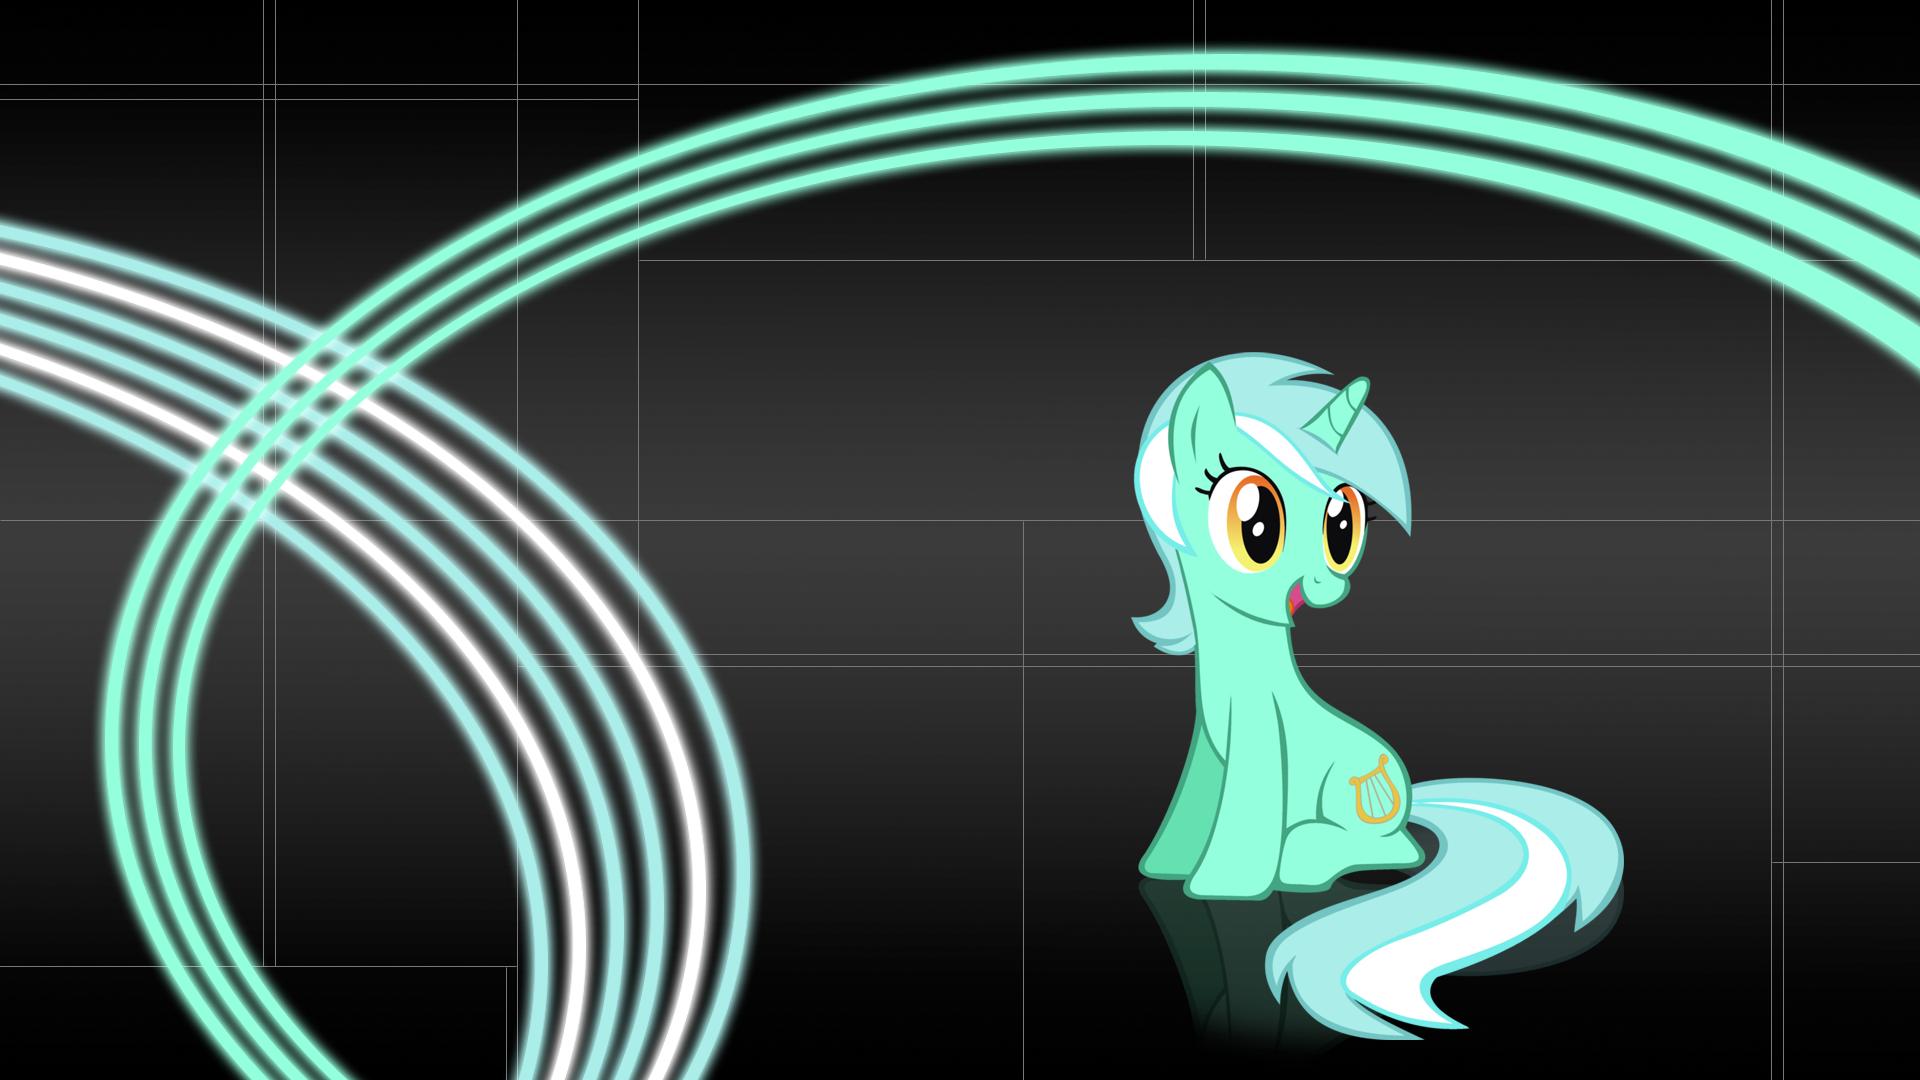 Lyra Background V2 by Kna and SirPayne